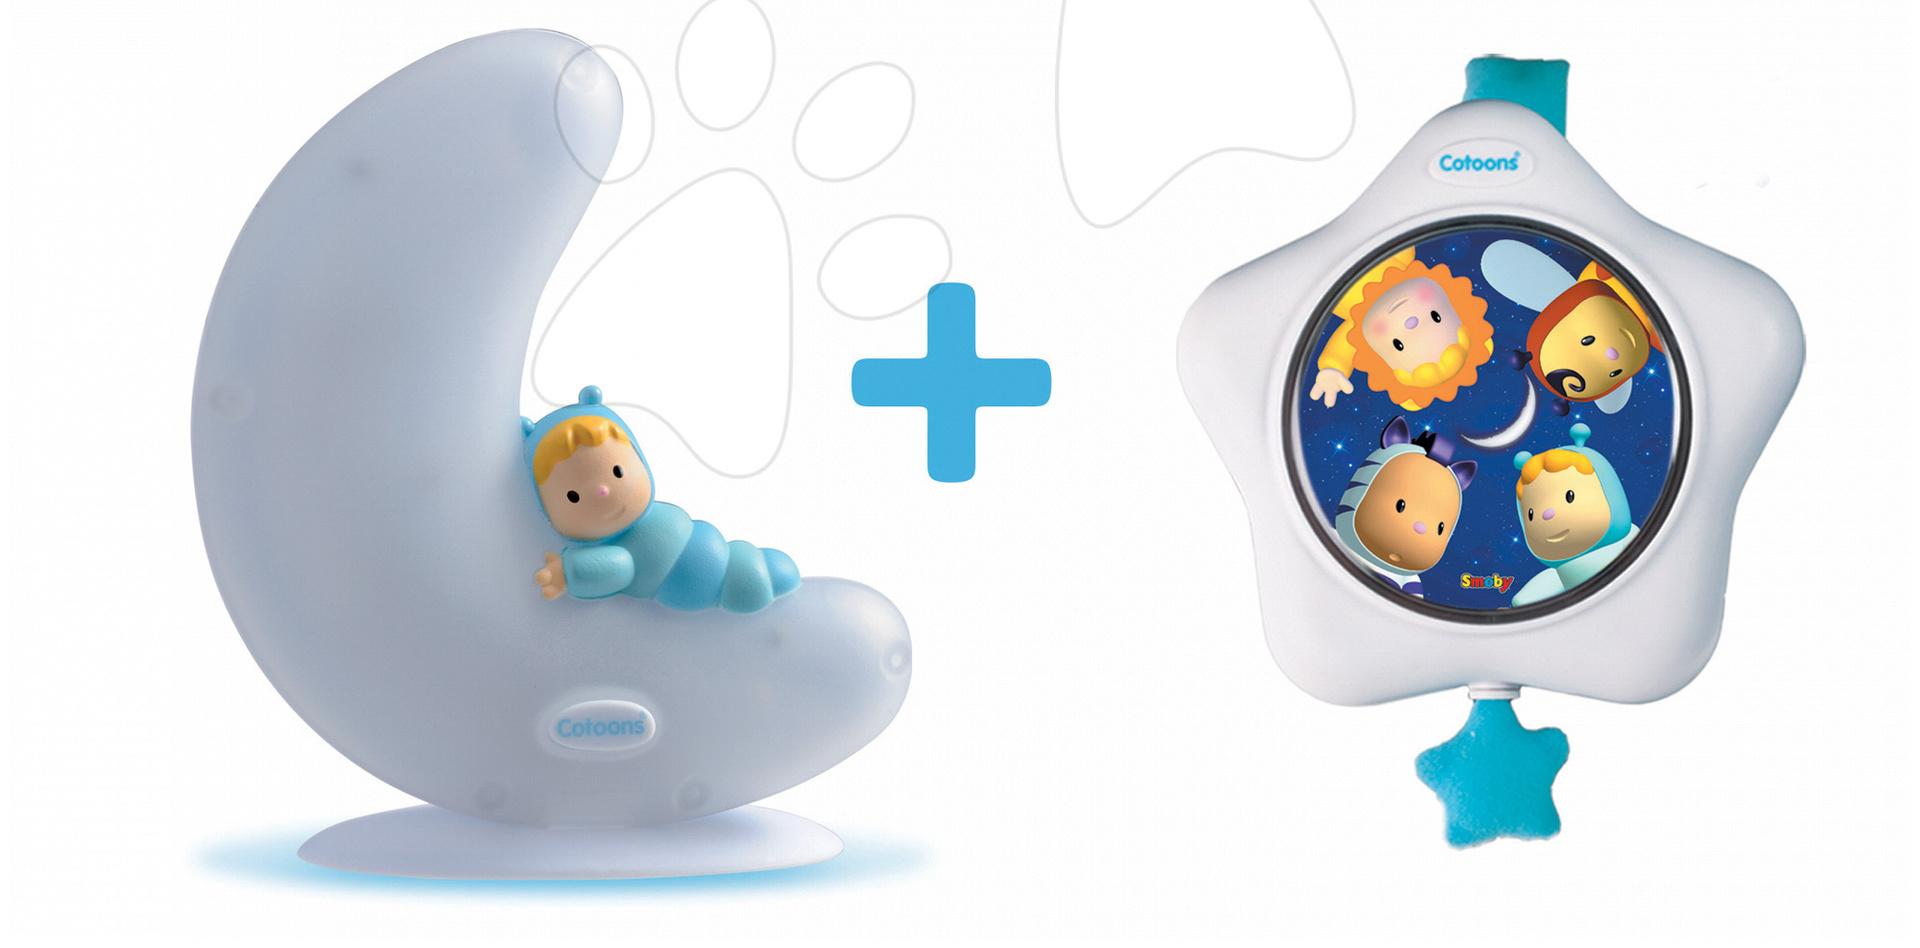 Igrače za dojenčke - Svetleča lunica in zvezdica Cotoons Smoby z zvokom za najmlajše beli